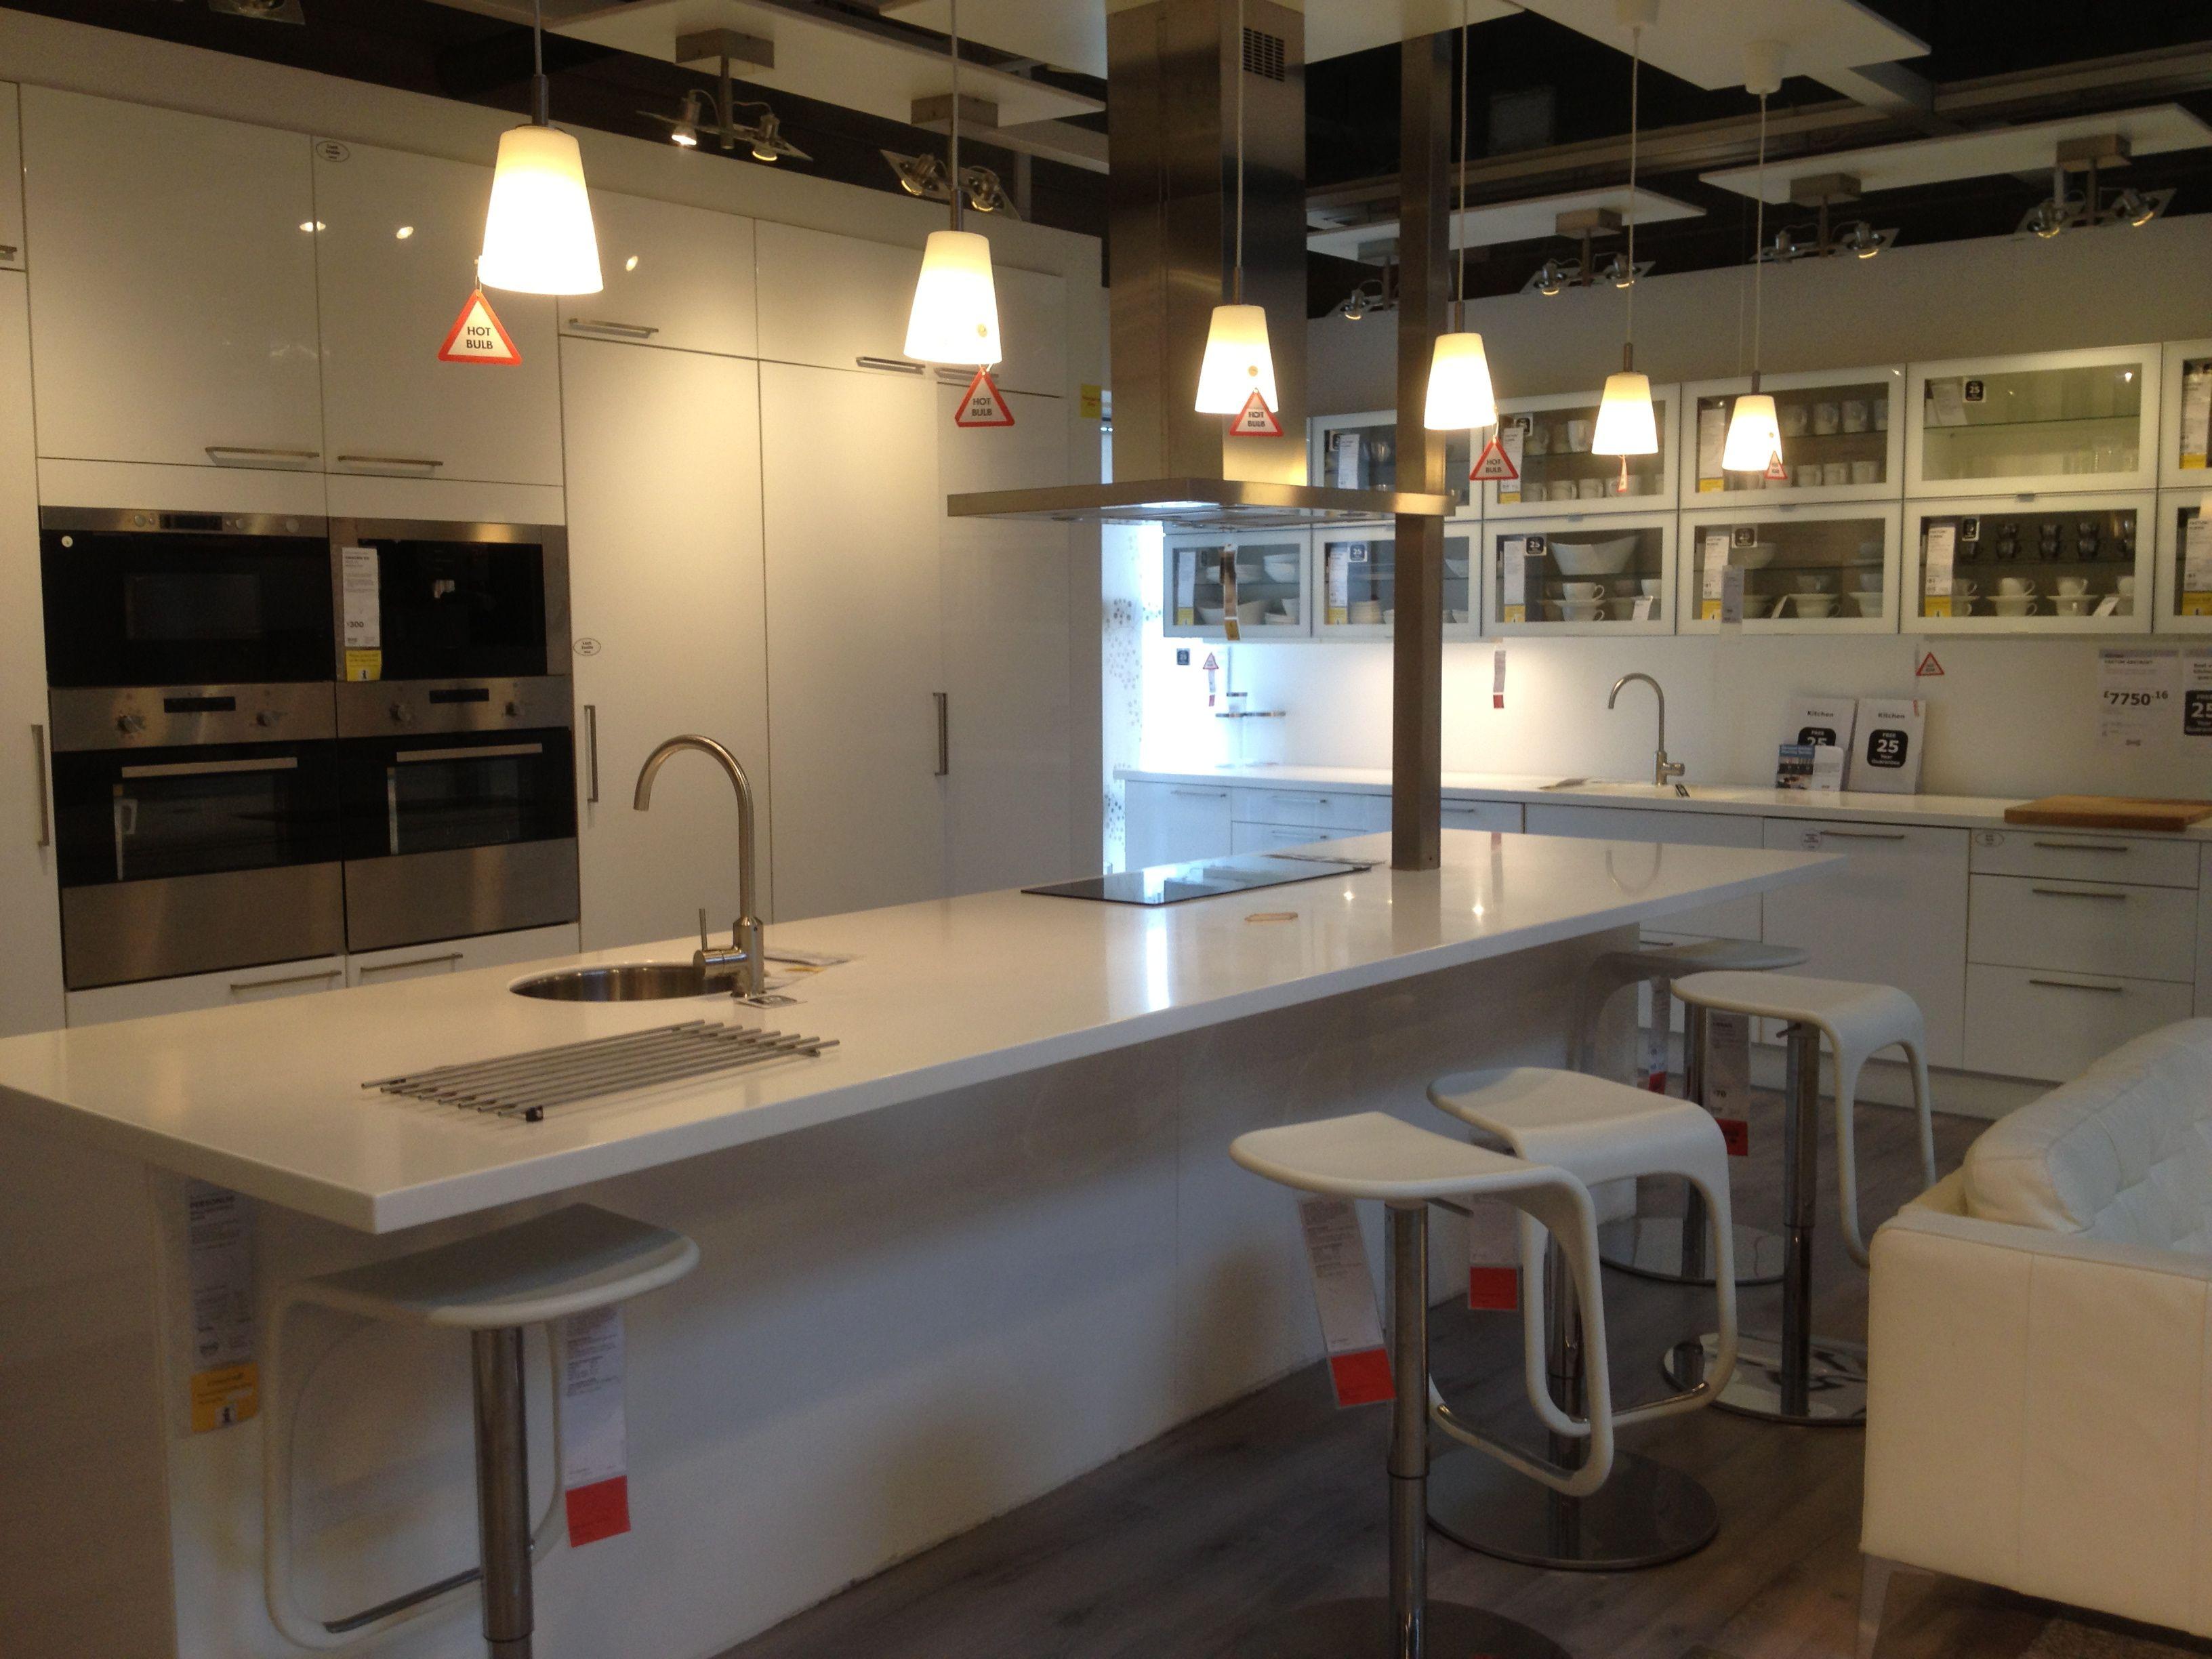 Kitchens Ikea 3 Kitchen, Home decor, Decor